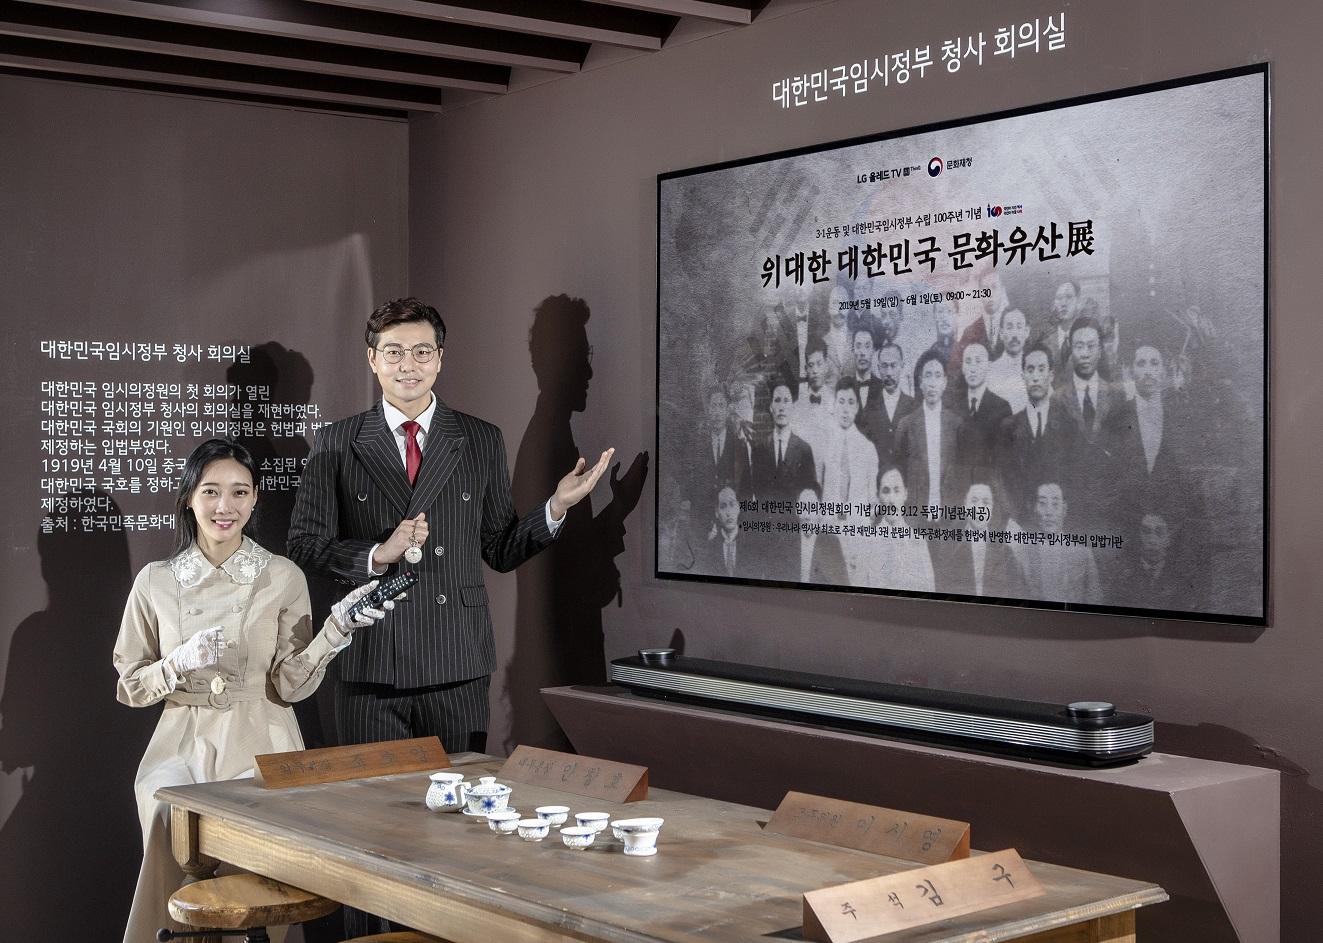 LG전자는 19일부터 다음 달 1일까지 경복궁에서 열리는 '위대한 대한민국 문화유산 展'에 참여해, LG 올레드 TV의 차원이 다른 화질로 우리 문화유산의 아름다움과 가치를 알립니다. 모델들이 LG 올레드 TV 옆에서 포즈를 취하고 있다.